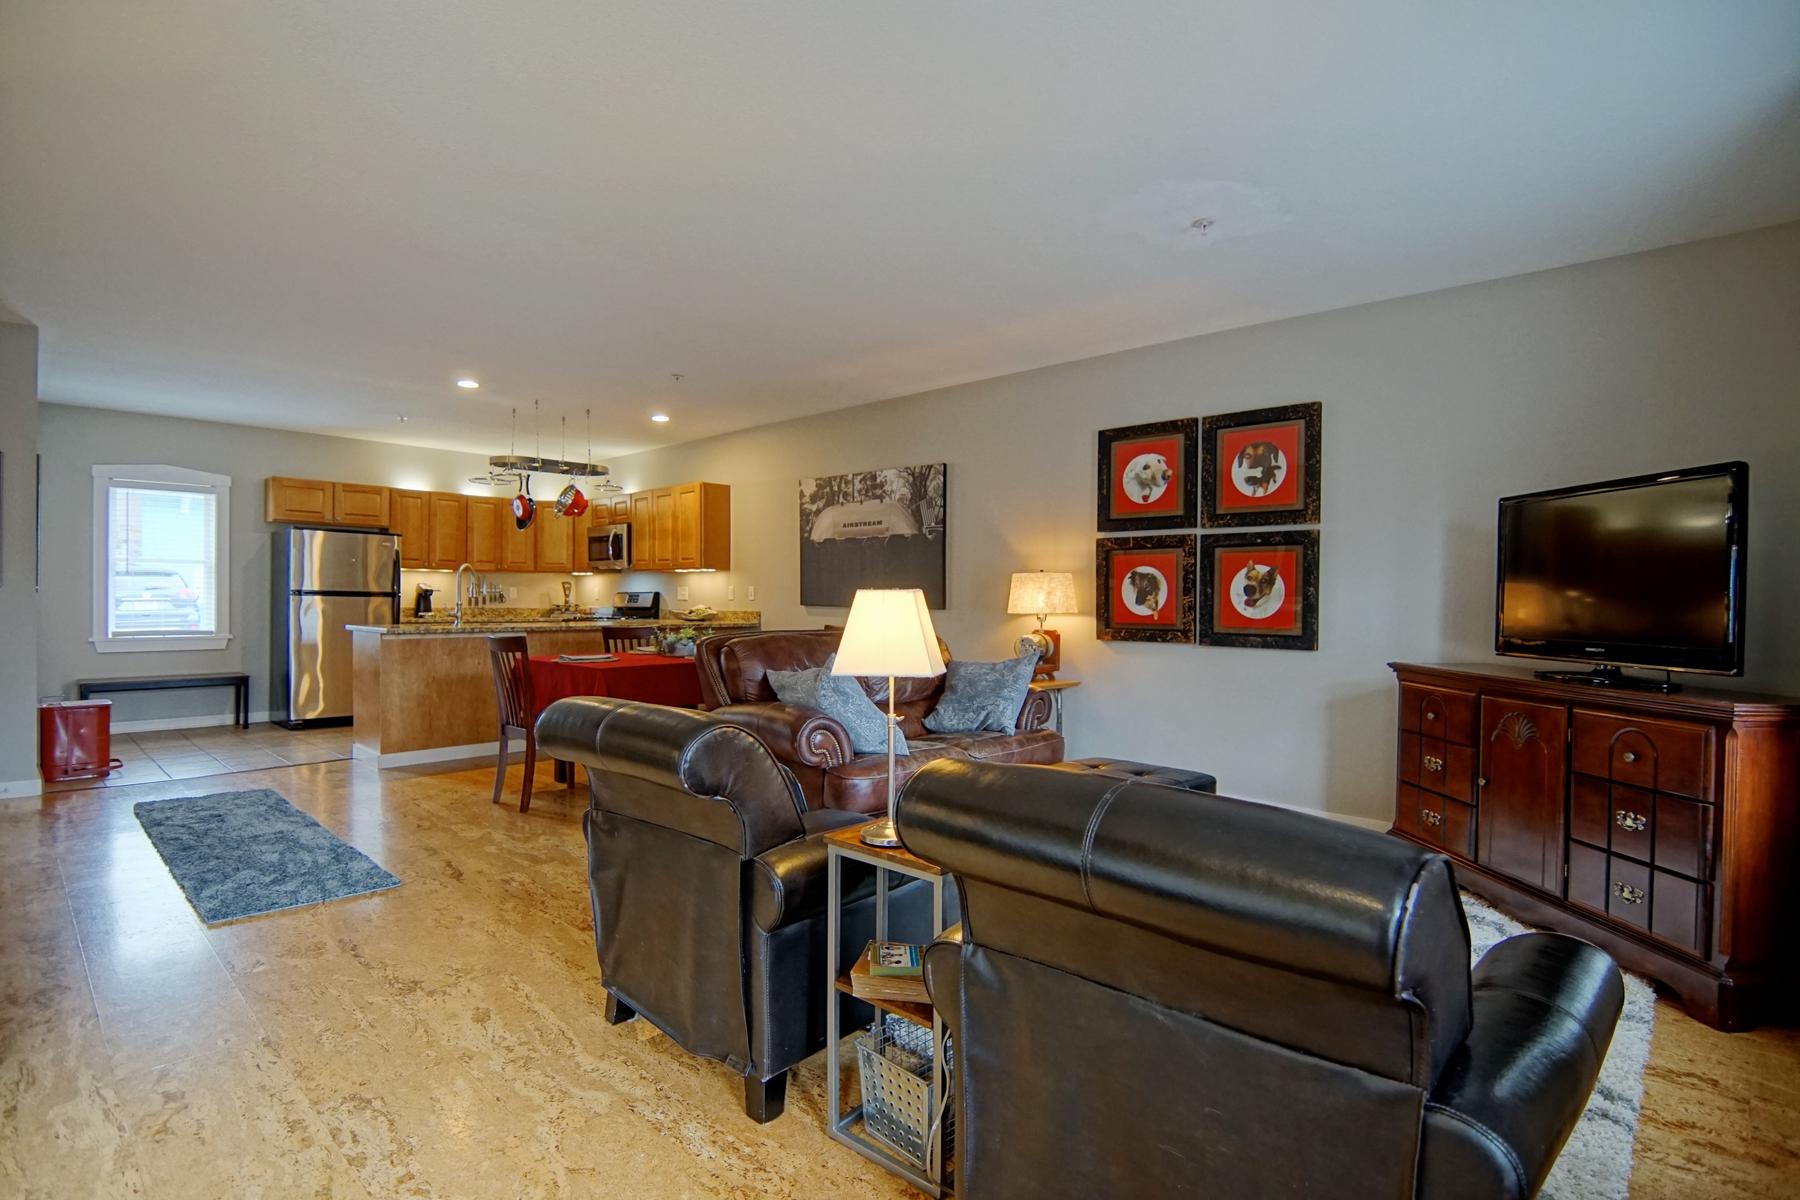 共管式独立产权公寓 为 销售 在 Oversized, Renovated Downtown Condominium with Parking and Storage 621 Islington Street, Unit D 朴茨茅斯, 新罕布什尔州 03801 美国